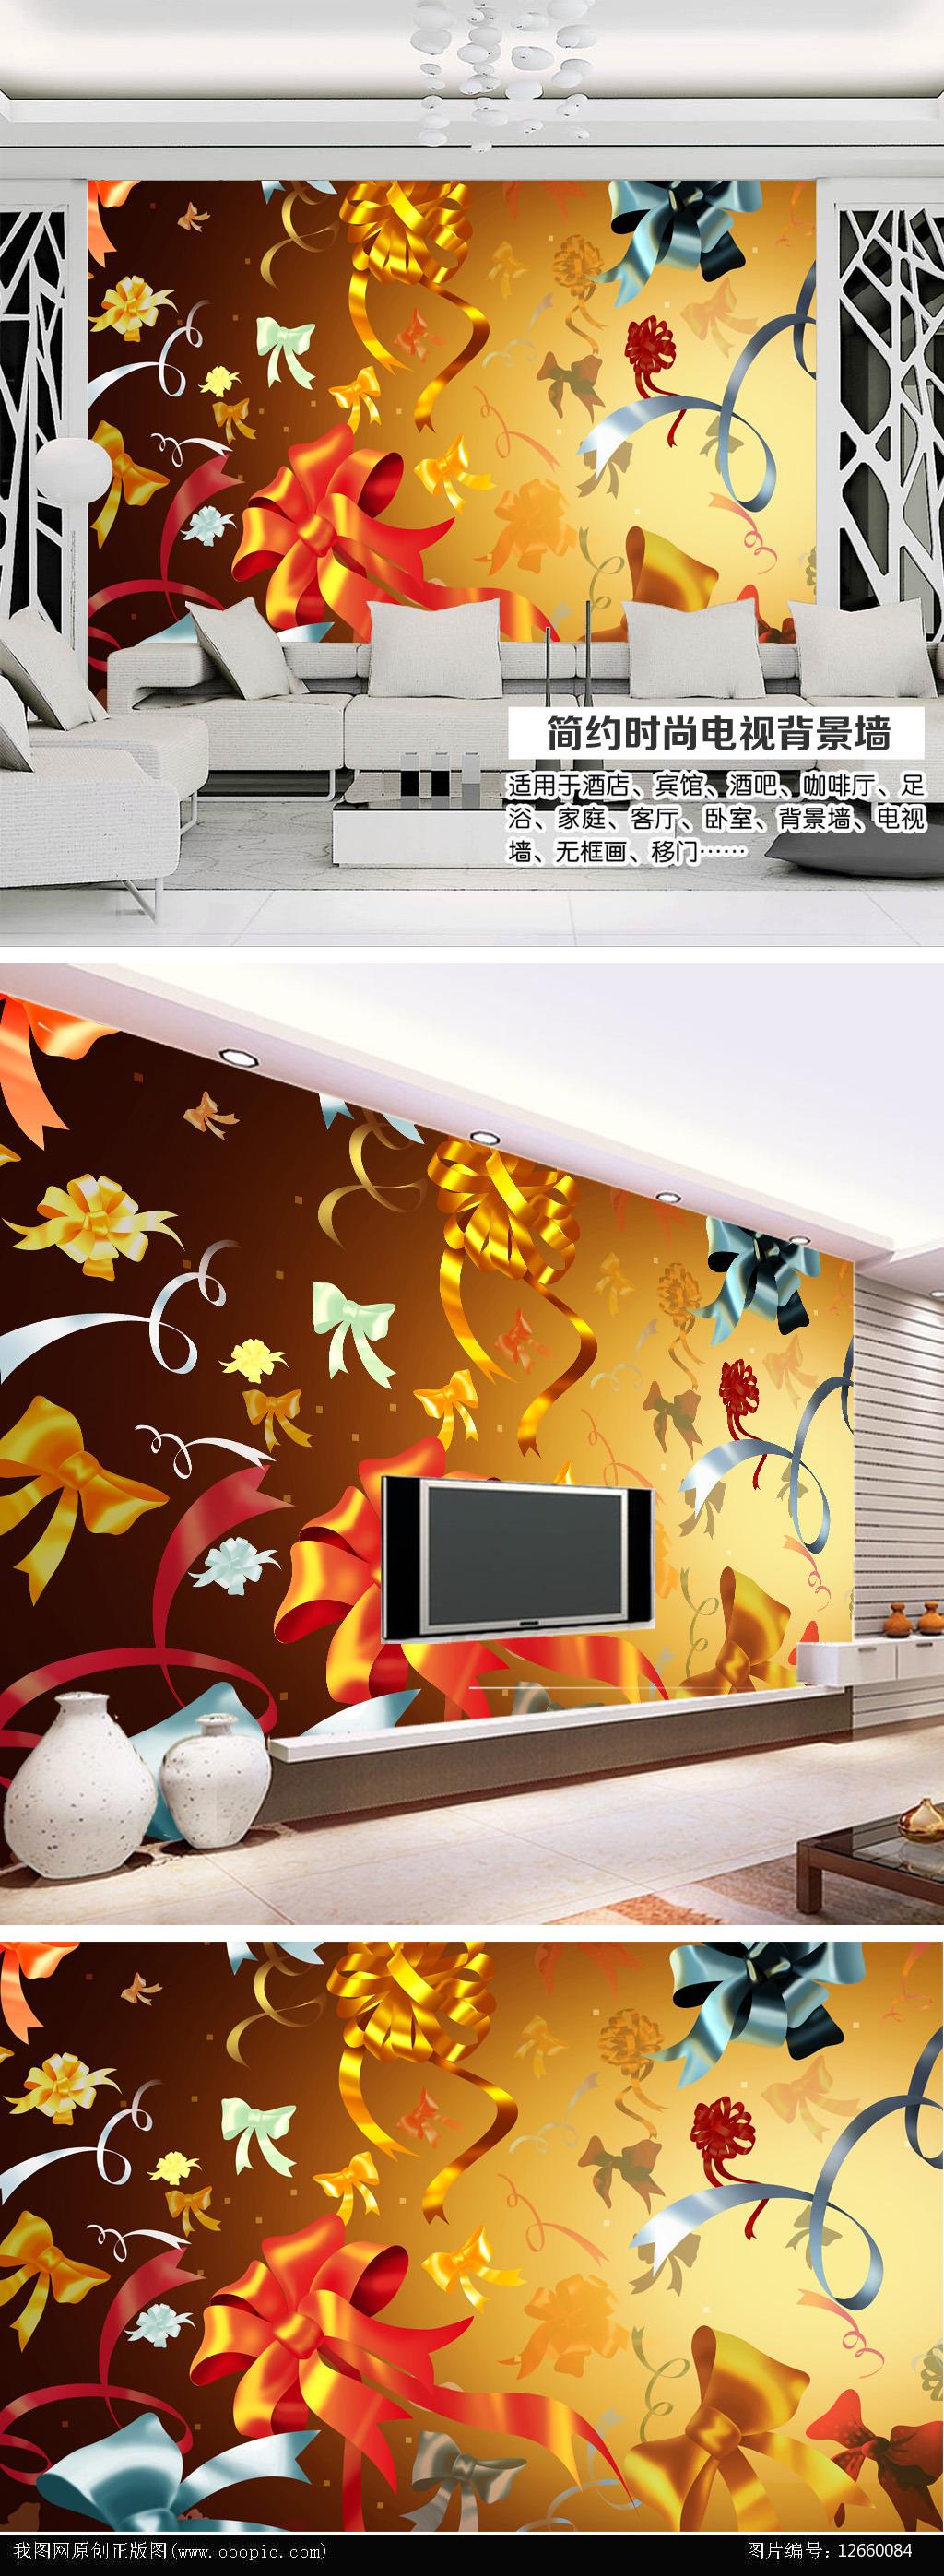 蝴蝶结丝带创意电视背景墙